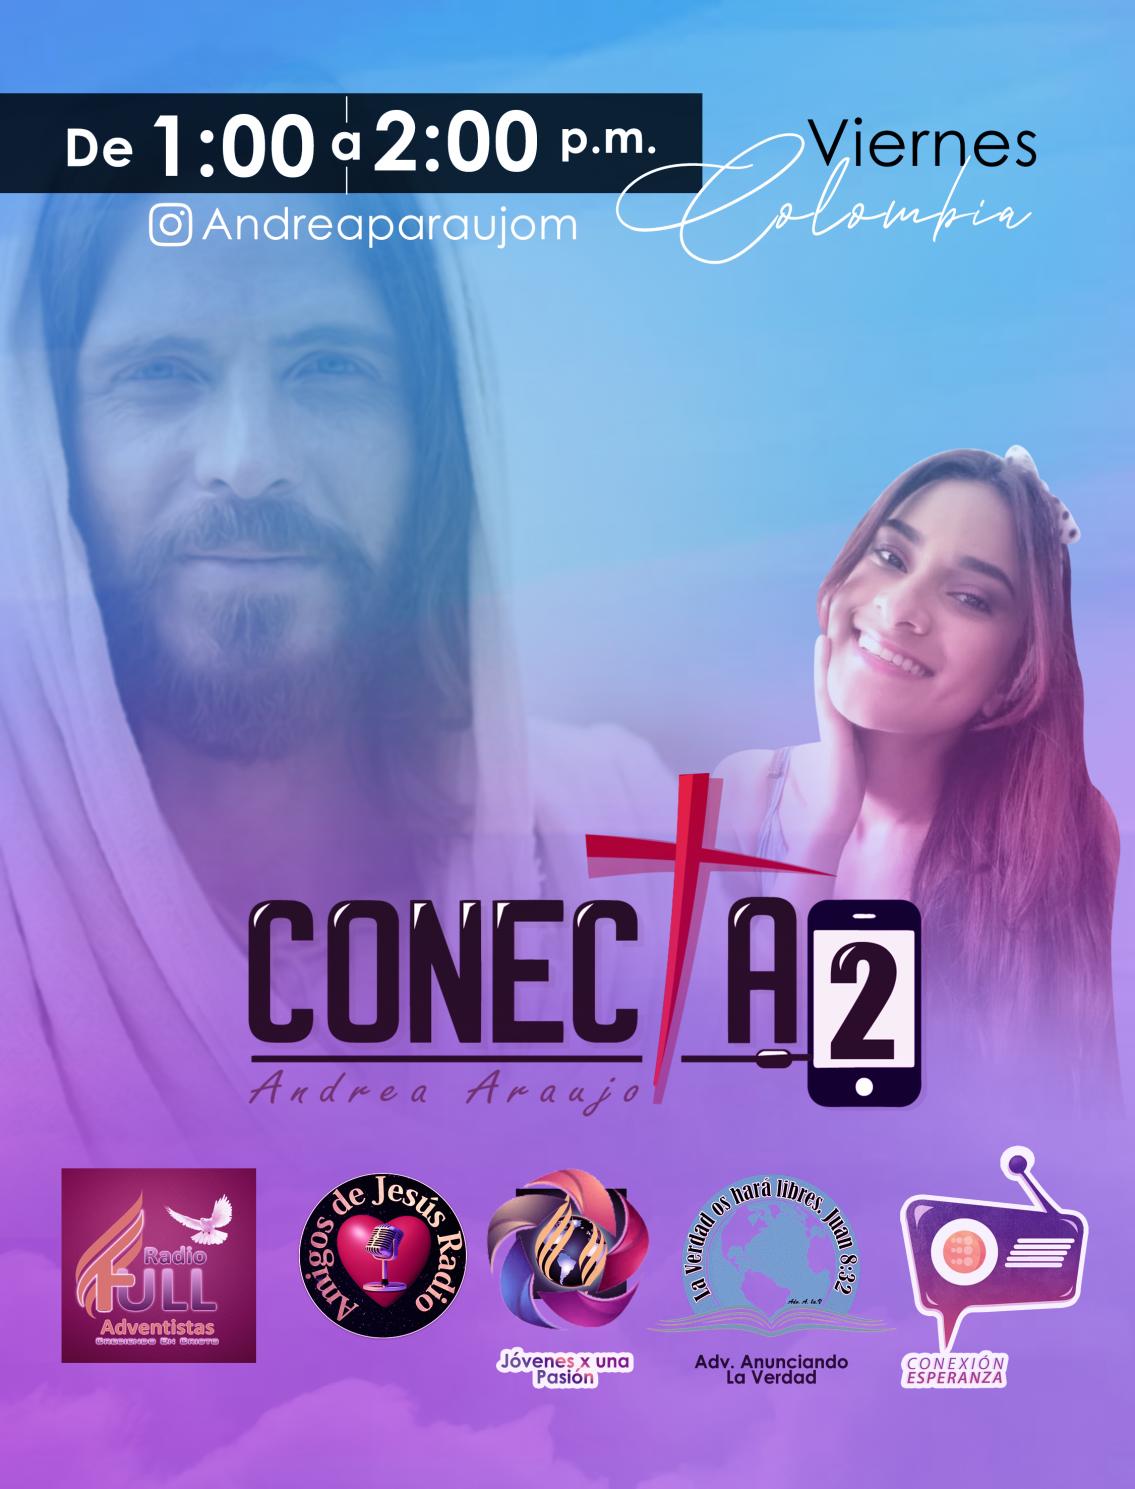 ANDREA ARAUJO5